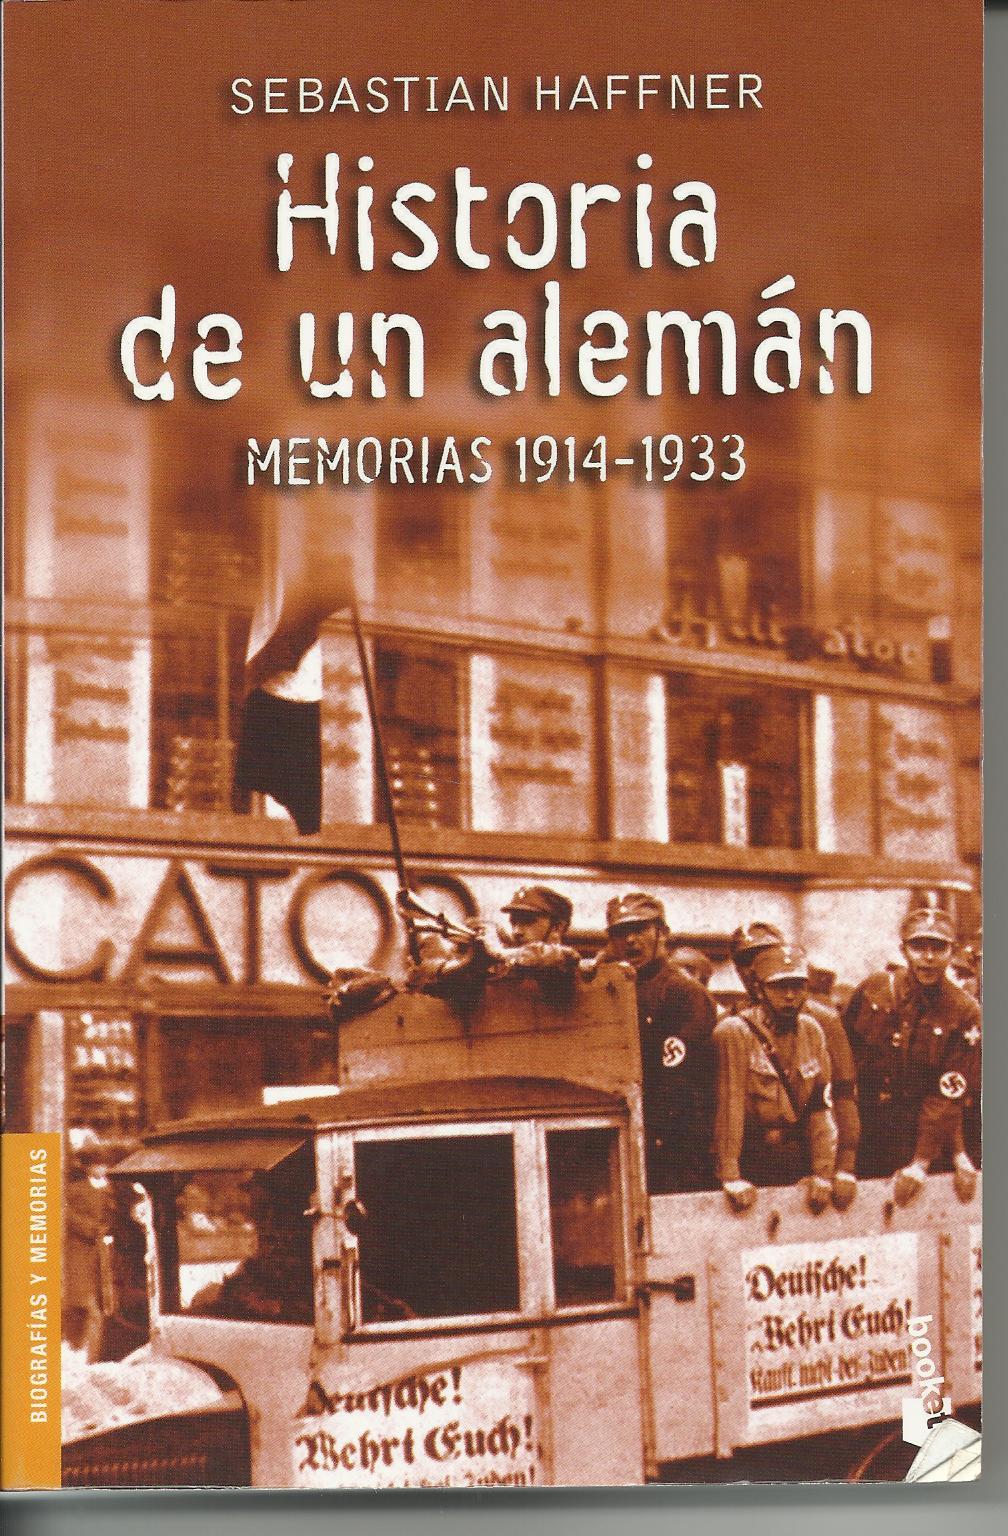 NAZIS Y SEGUNDA GUERRA MUNDIAL (reflexiones, libros, documentales, etc) - Página 7 Historia-de-un-aleman